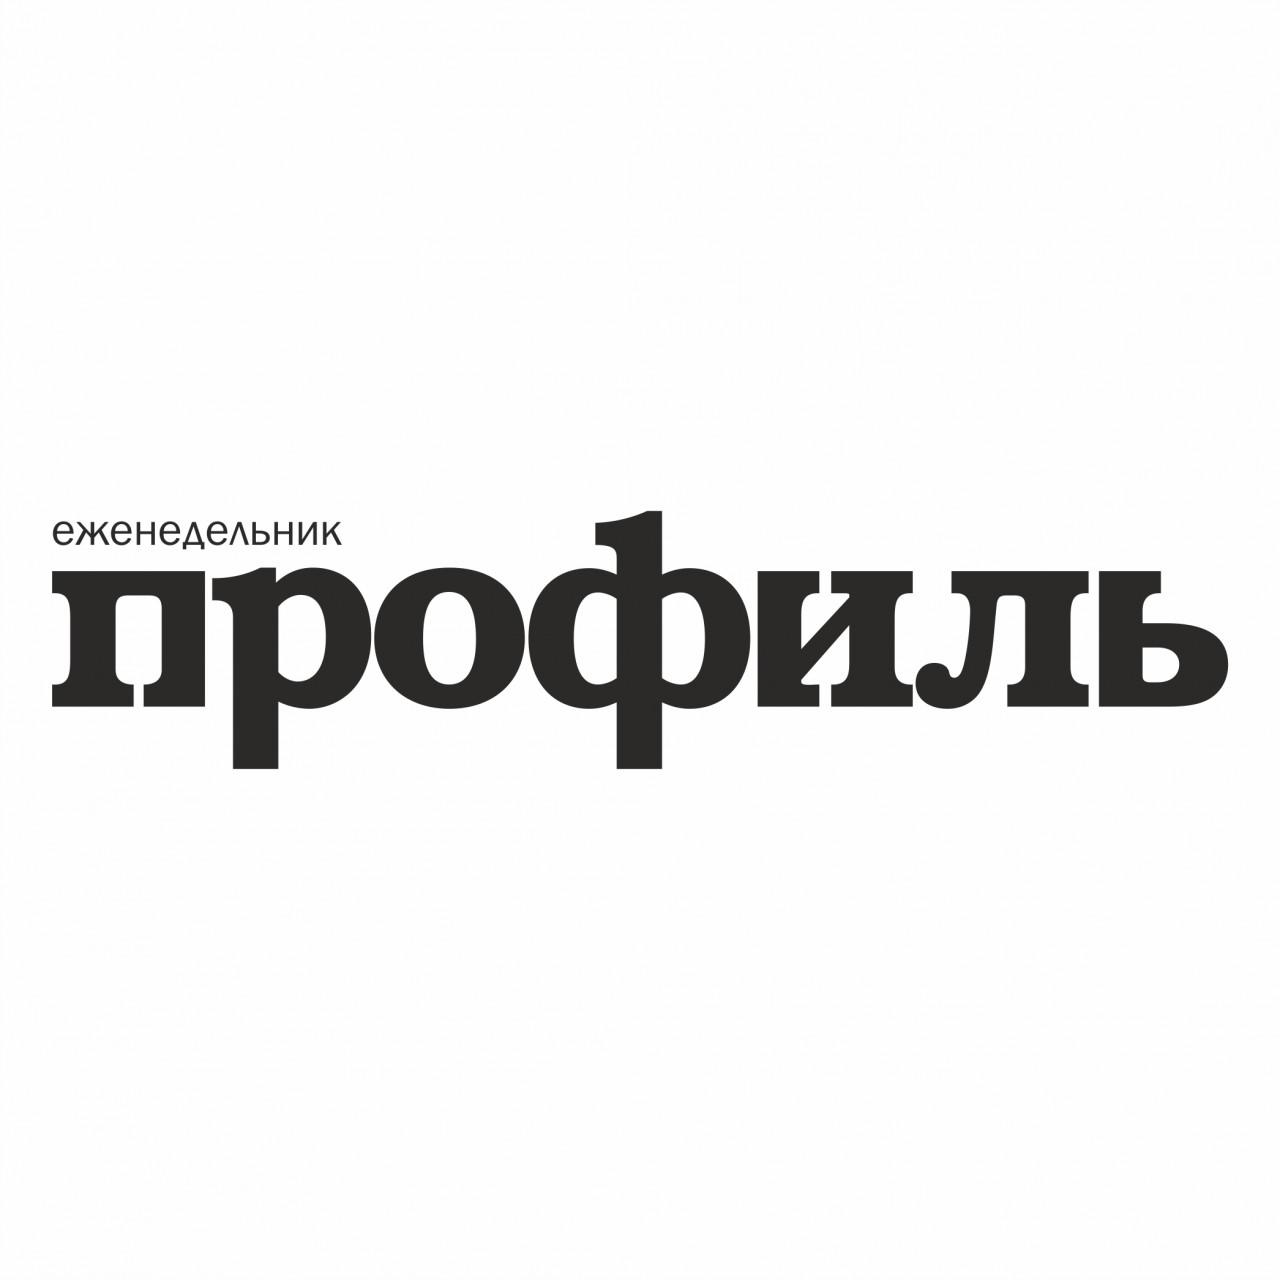 Следствие изменит меру пресечения Малобродскому на подписку о невыезде